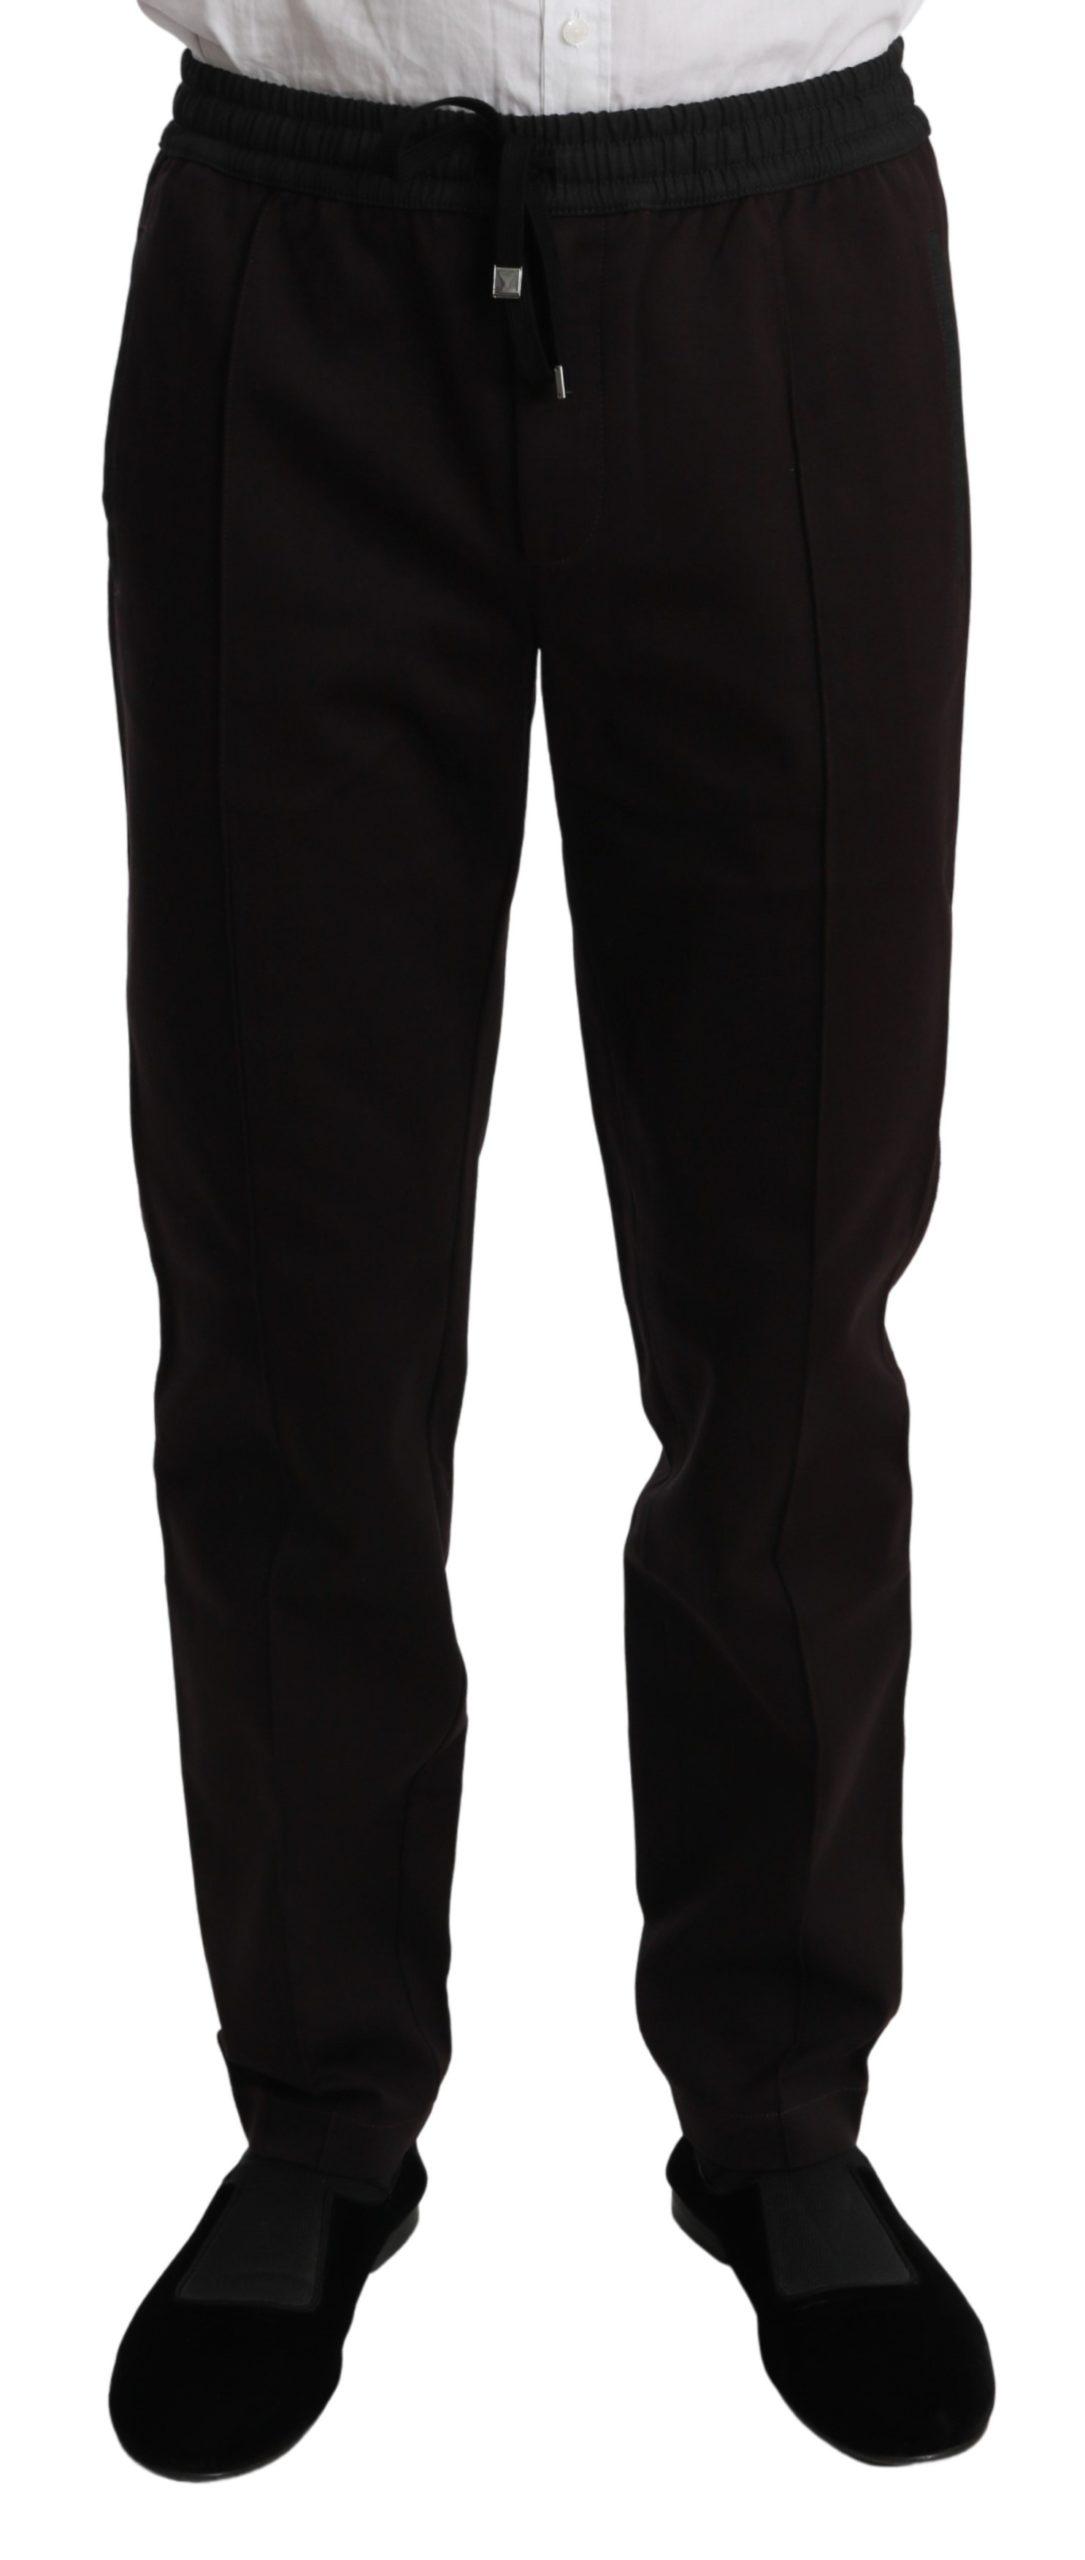 Dolce & Gabbana Men's Sweatpants Cotton Trouser Bordeaux PAN70997 - IT48   M